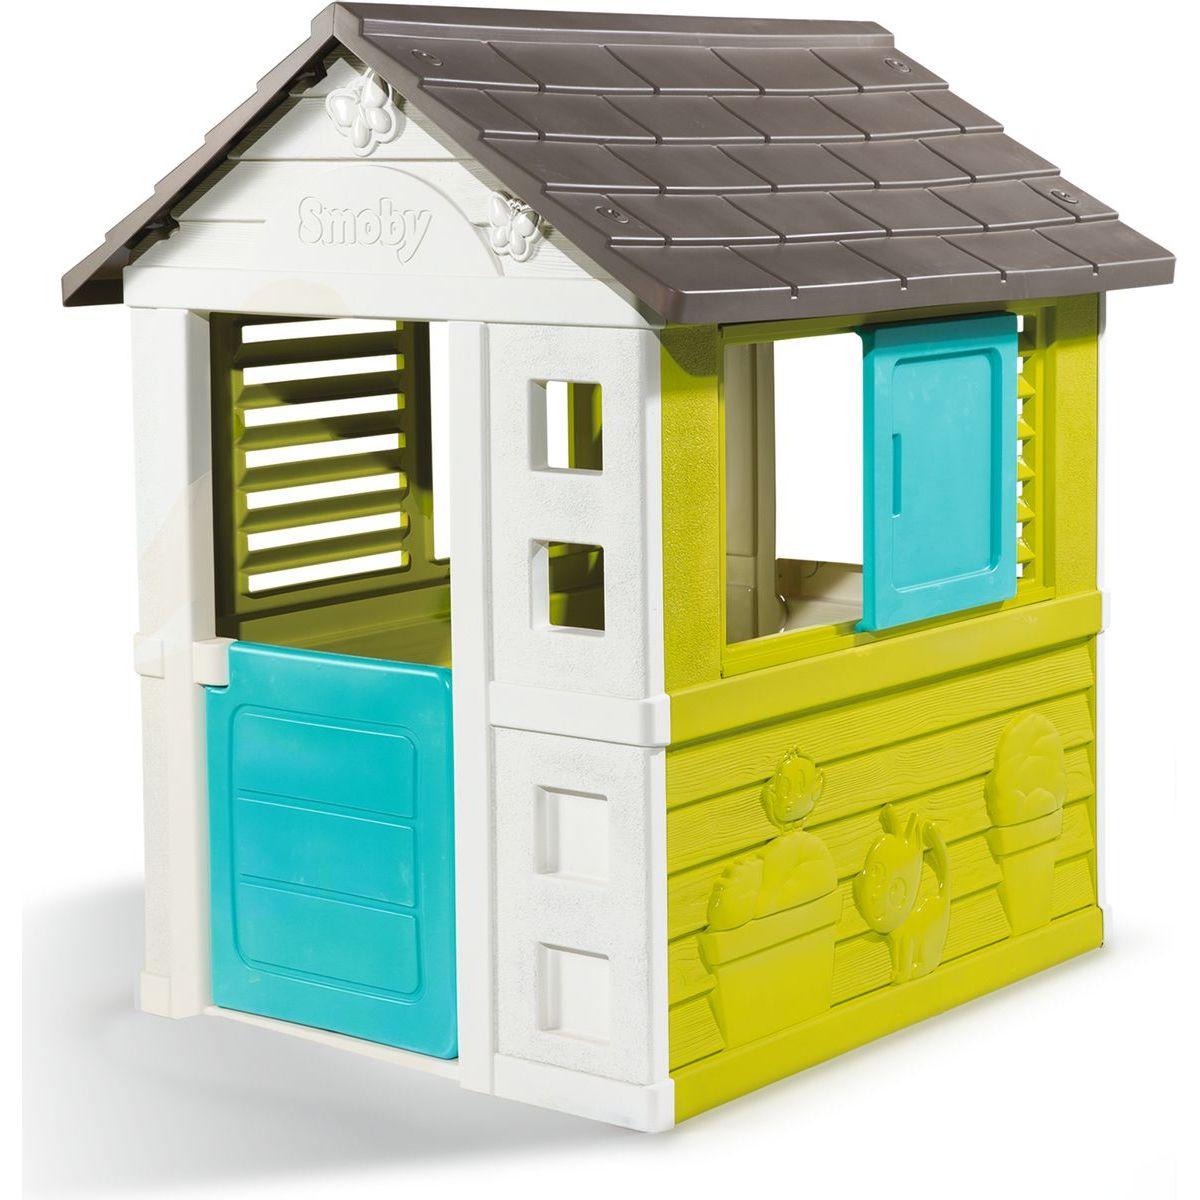 Domček Pretty modrozelený